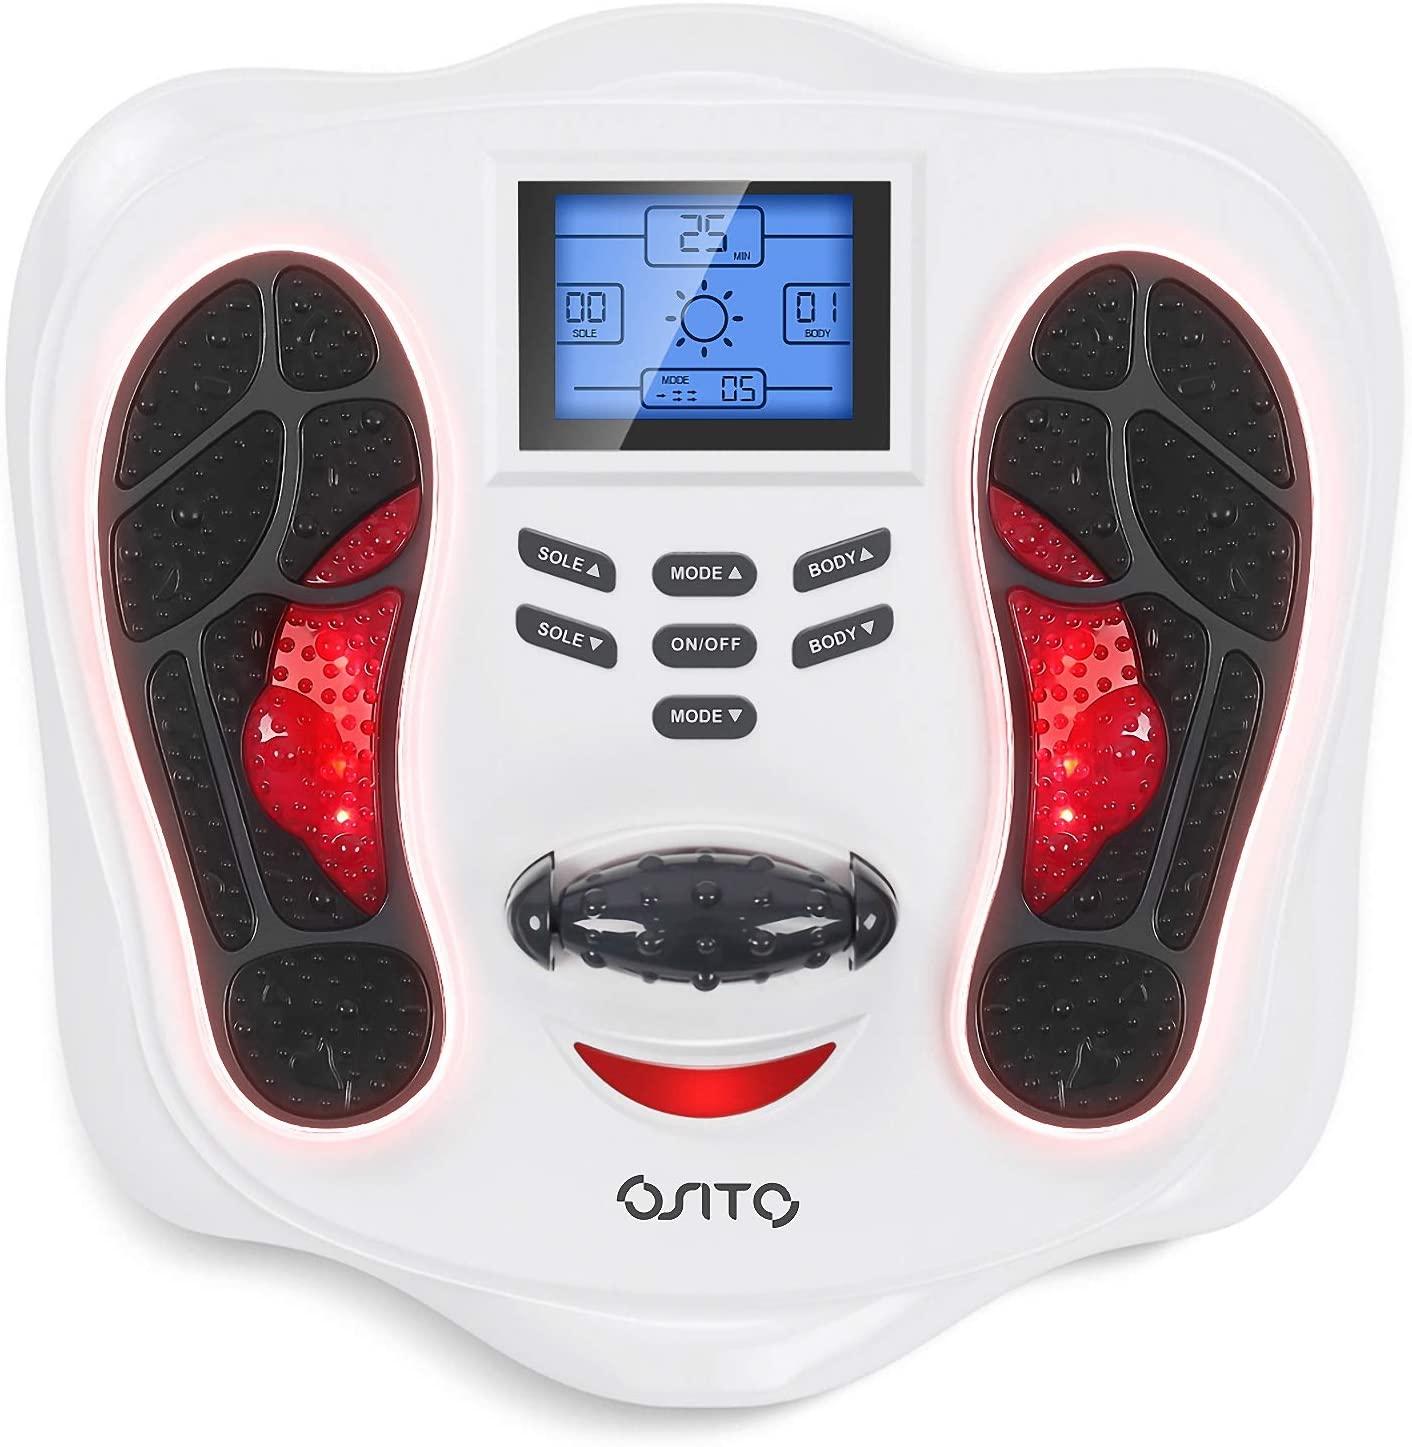 masajeador-de-pies-osito-eu-ast300d-b-a02-01.jpg